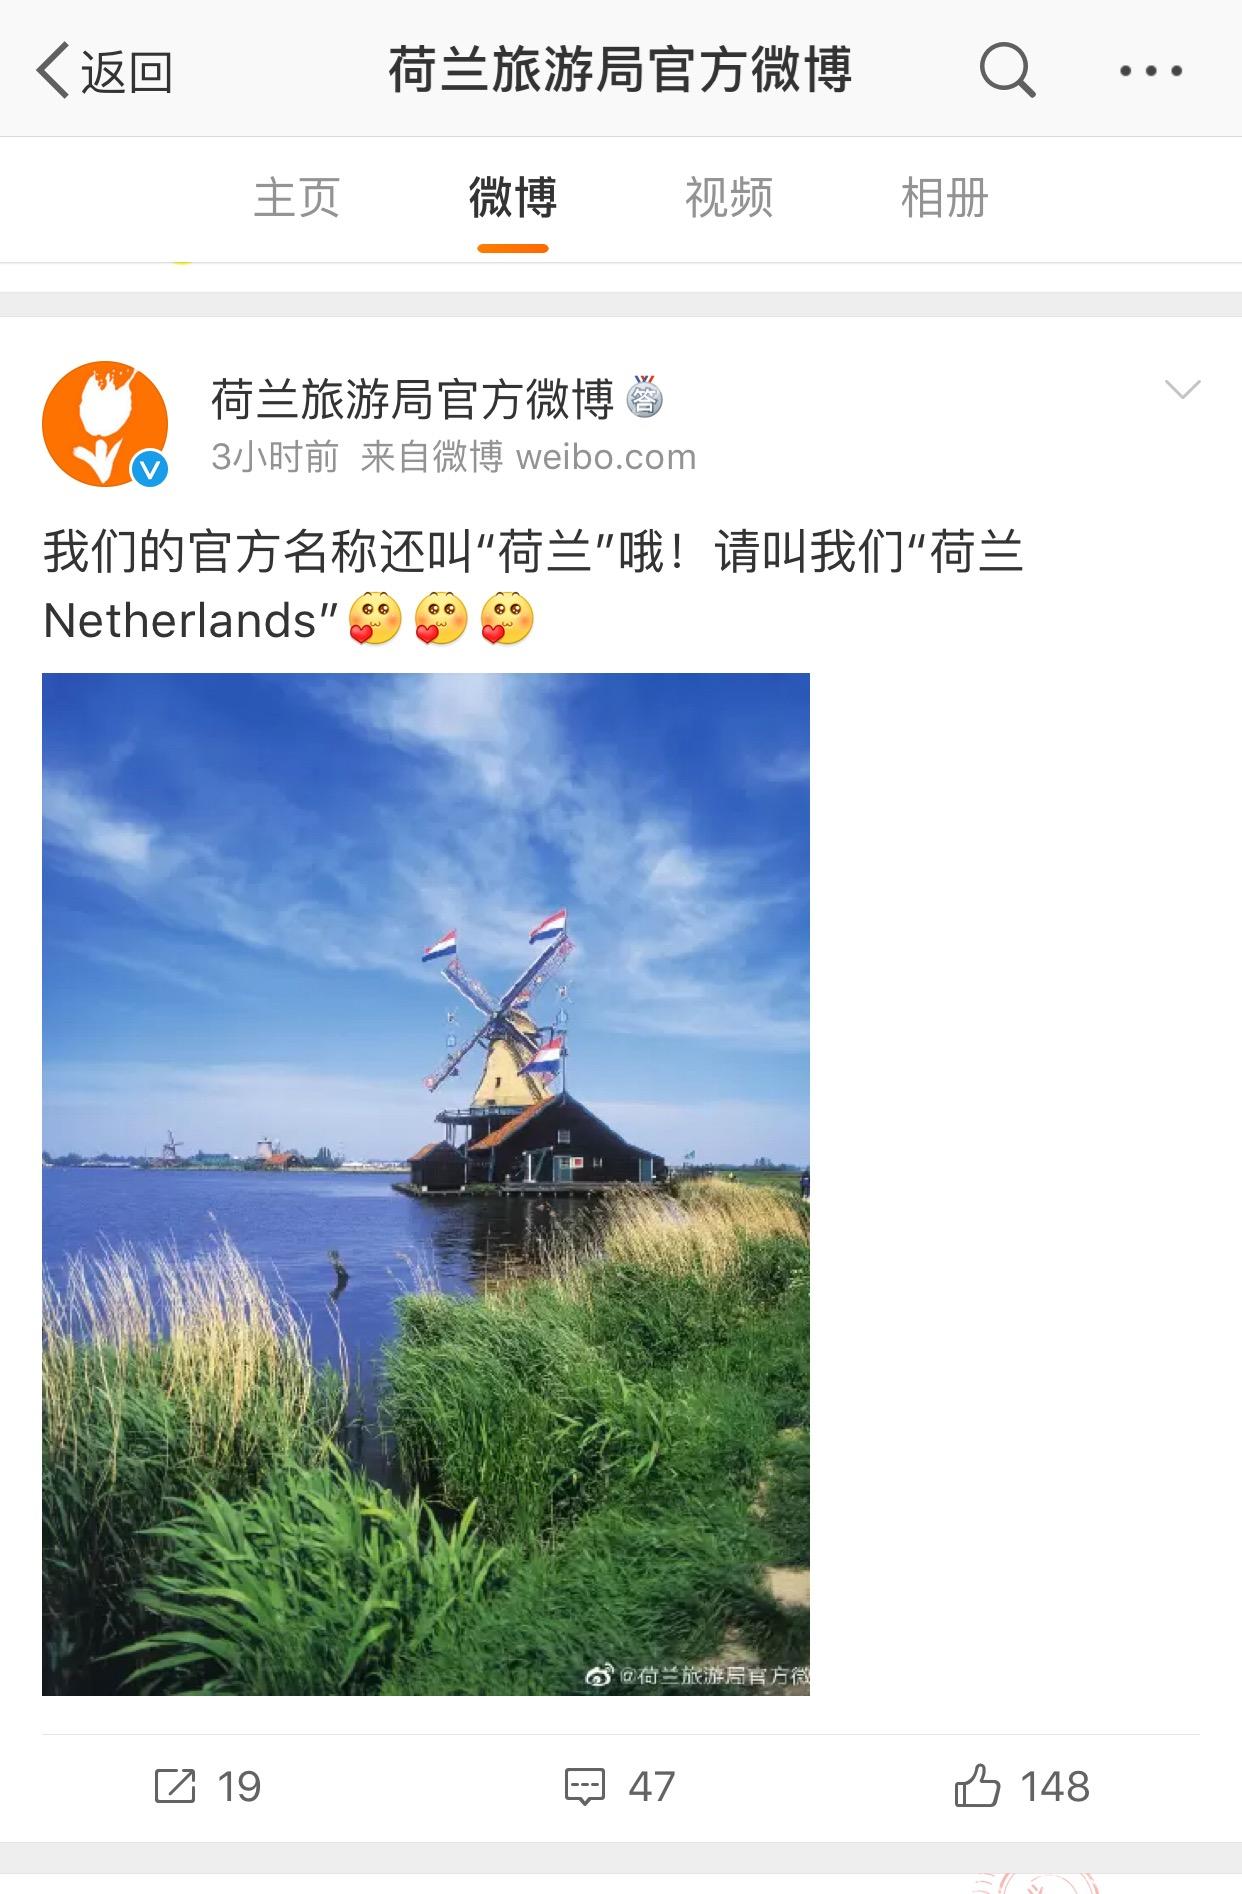 """荷兰改名了?中文名称还是称""""荷兰""""!更多荷兰美景这里看"""